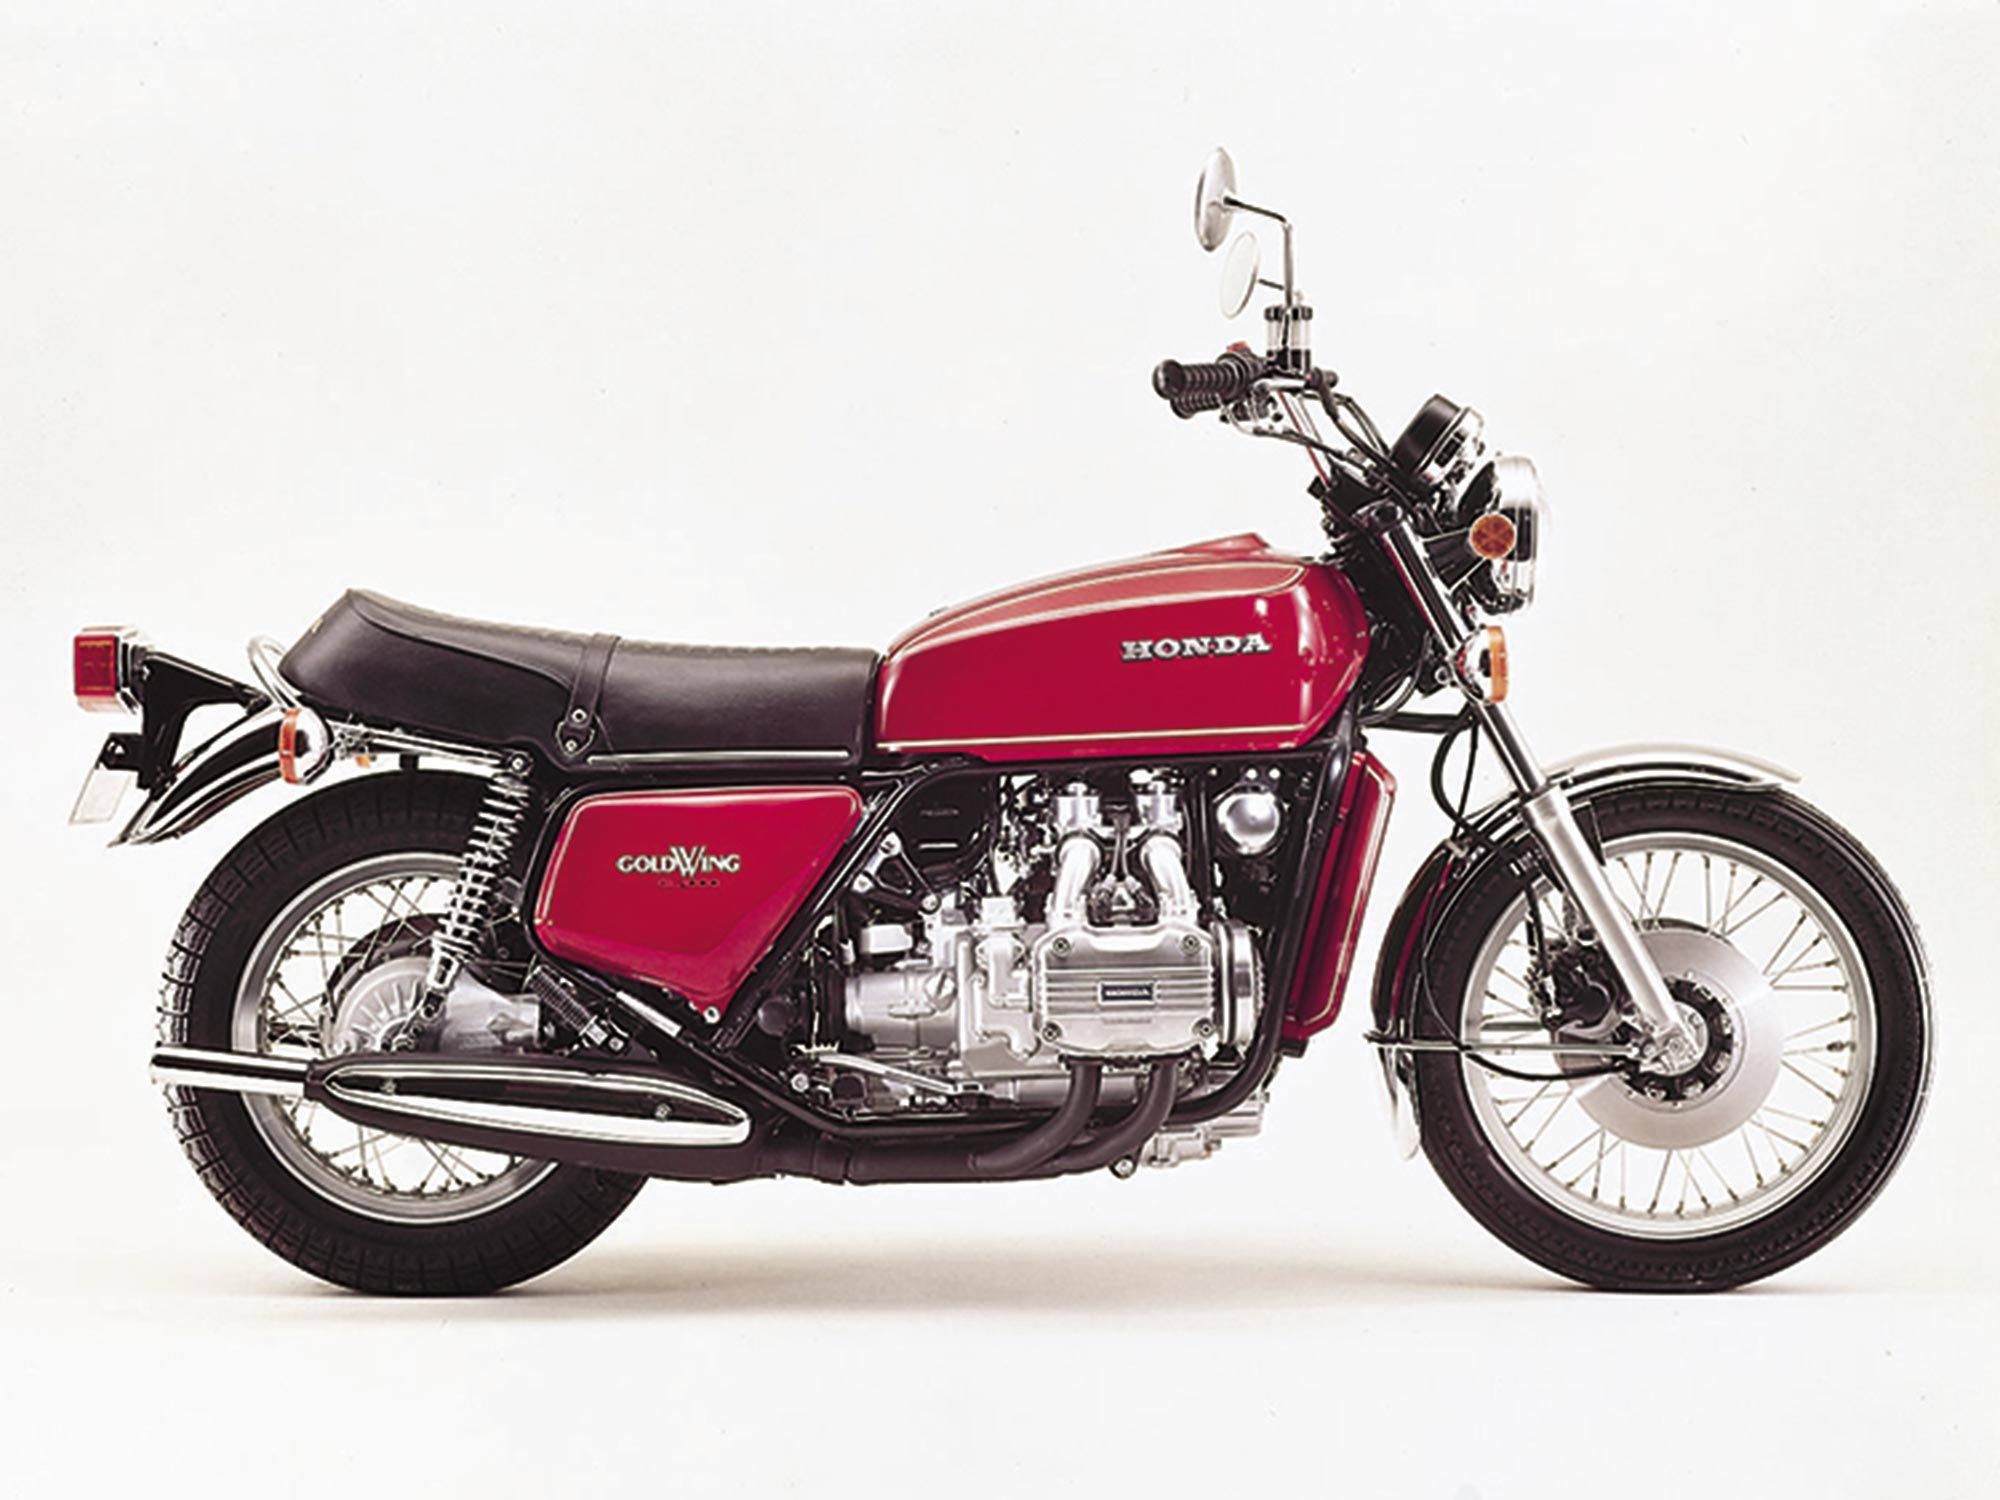 De plat-vier-aangedreven 1975 Honda Gold Wing GL1000.